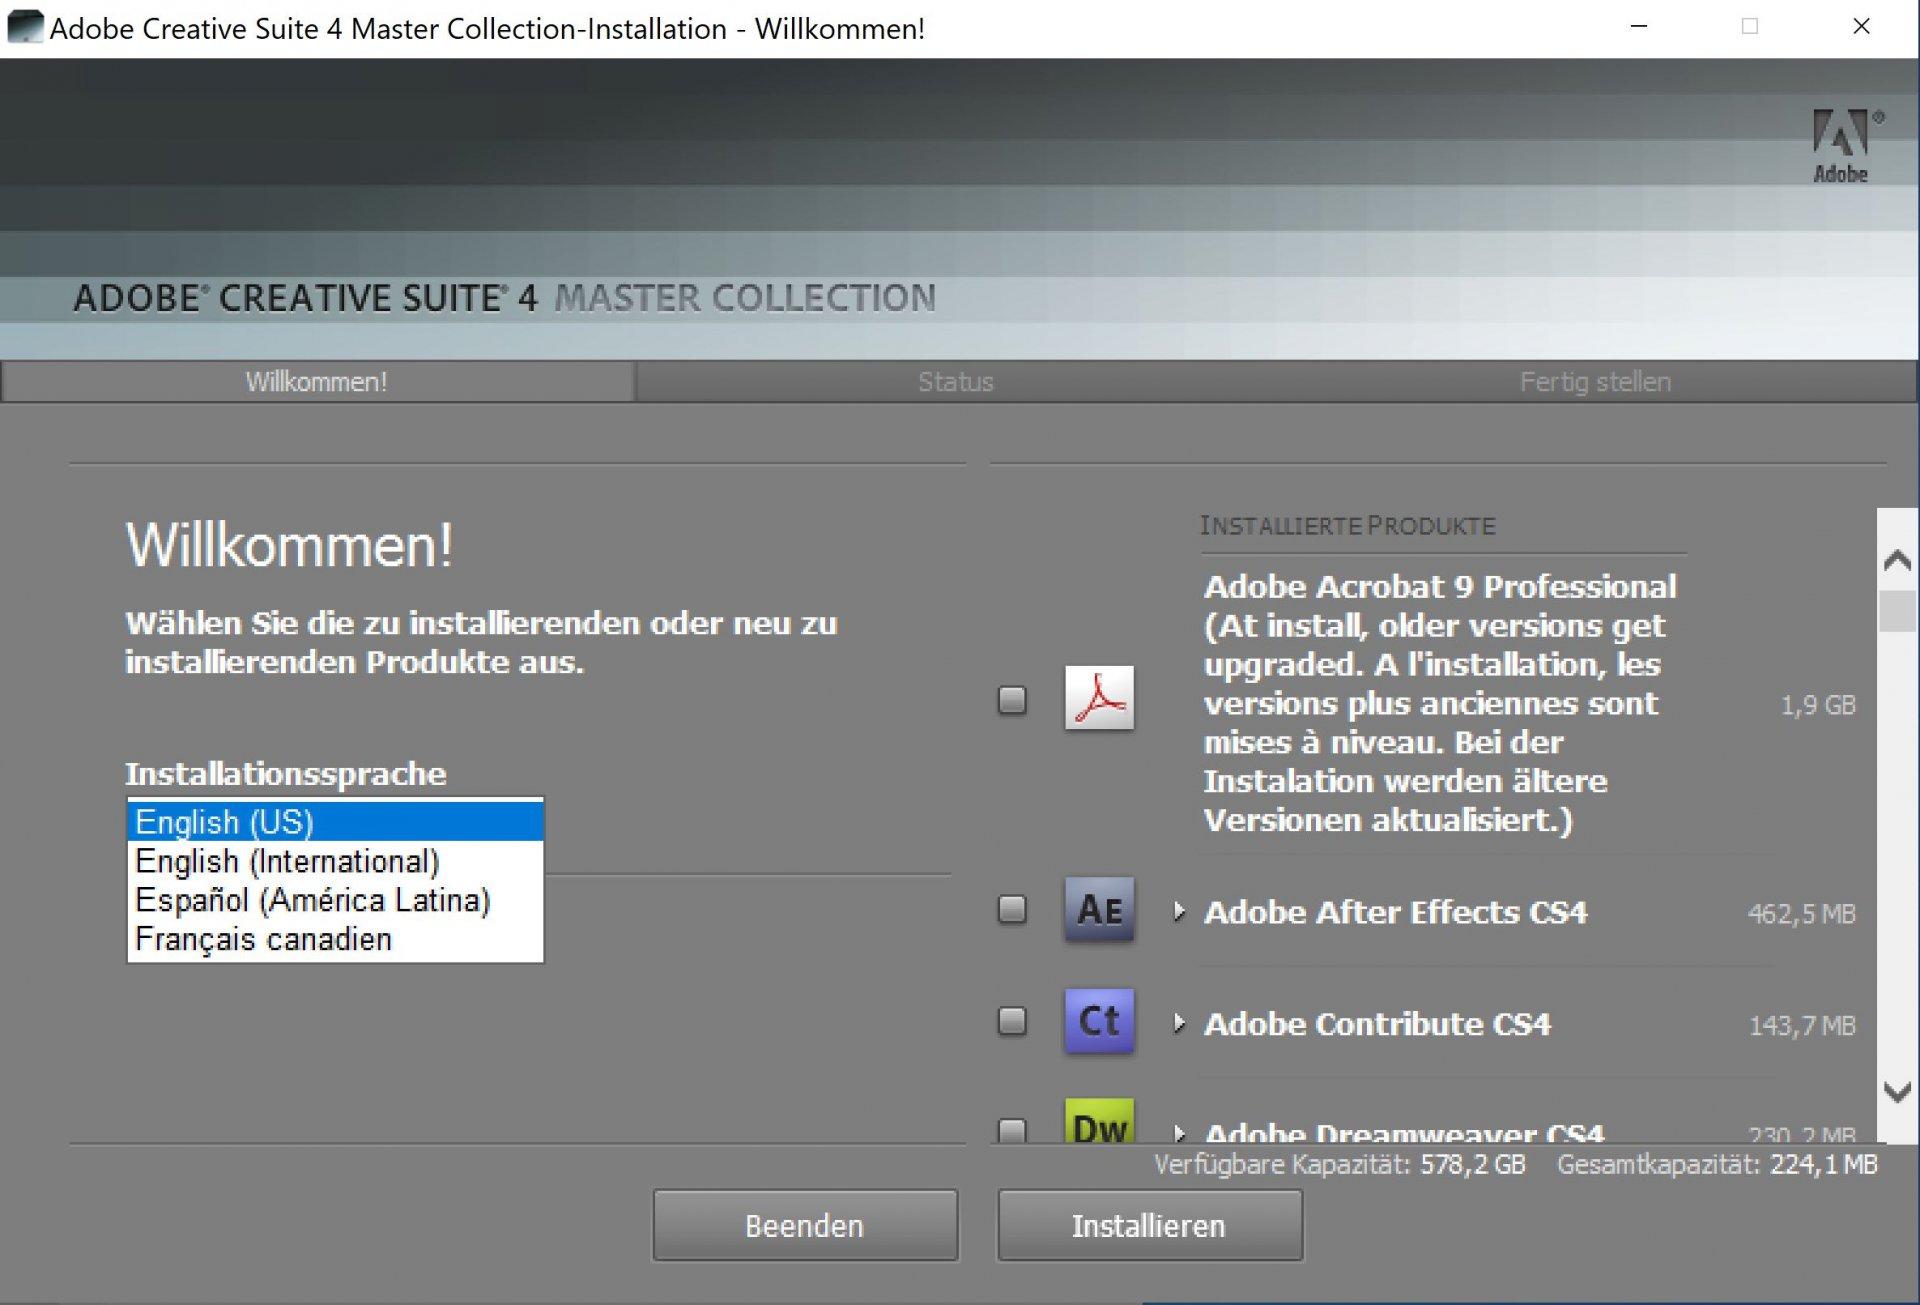 Adobe CS4 Foto.jpg